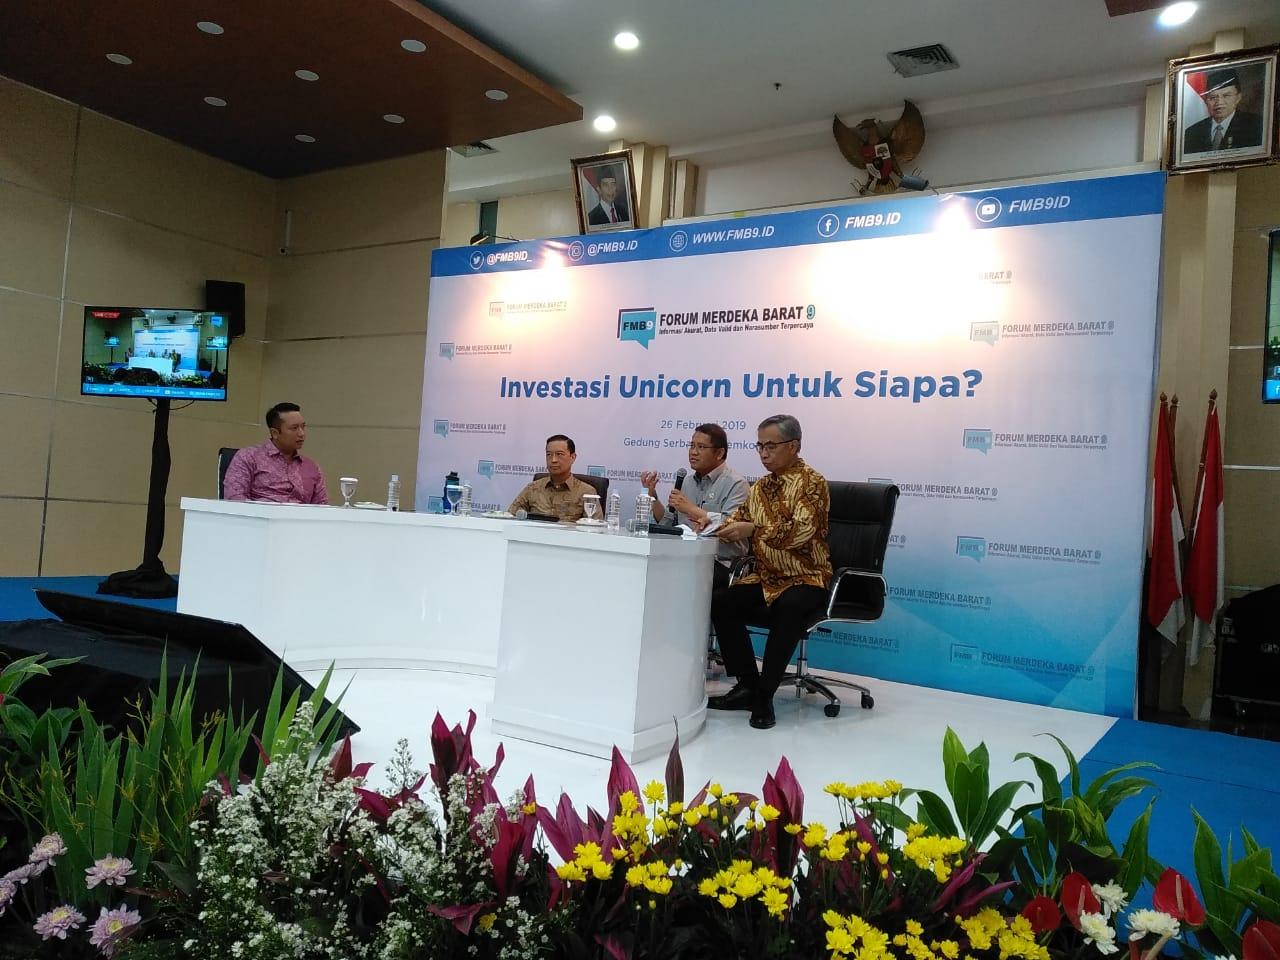 """Forum diskusi media atau FMB 9 dengan tema """"Investasi Unicorn untuk Siapa""""."""